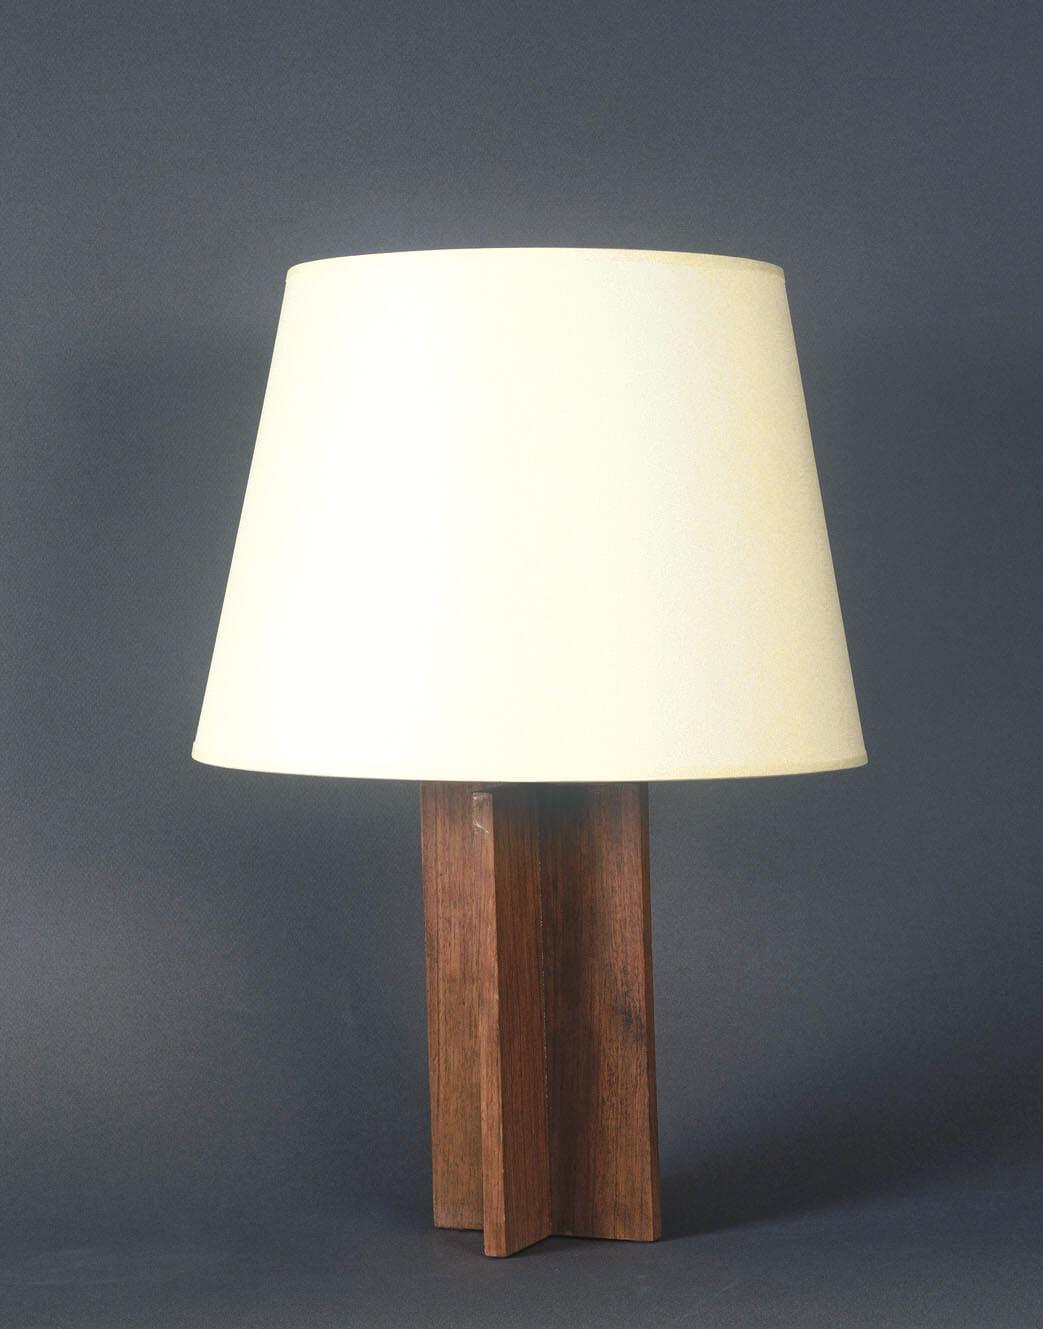 Lampe cruciforme en chêne teinté